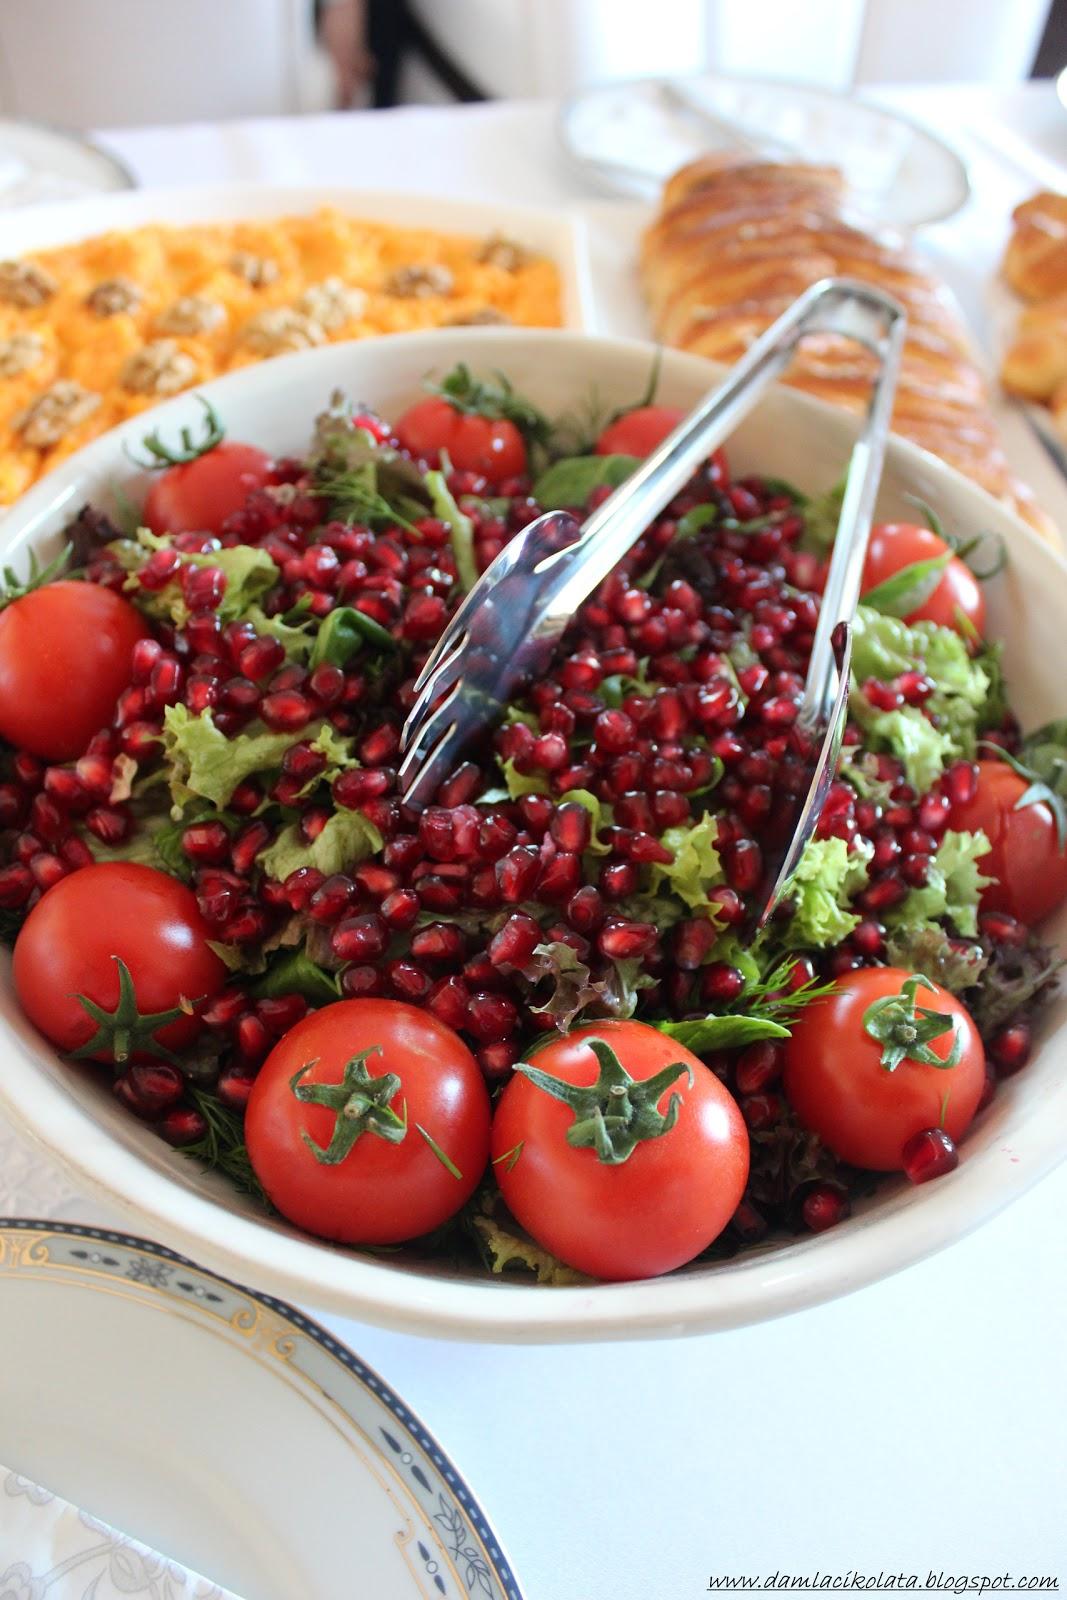 Narlı Yeşil Salata Tarifi – Salata Tarifleri